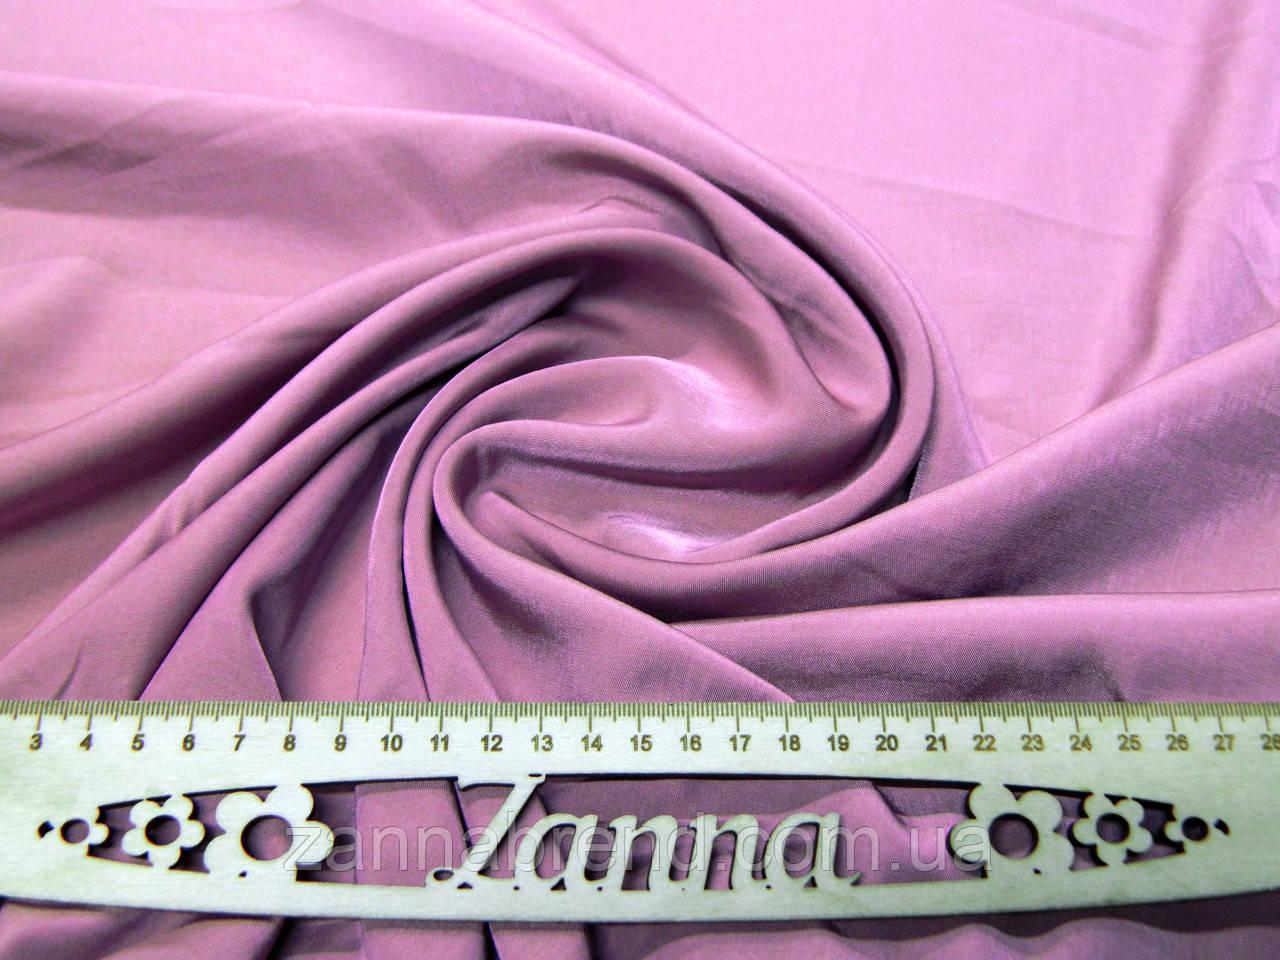 Ткань лавандовый цвет купить купить ткань на детское покрывало